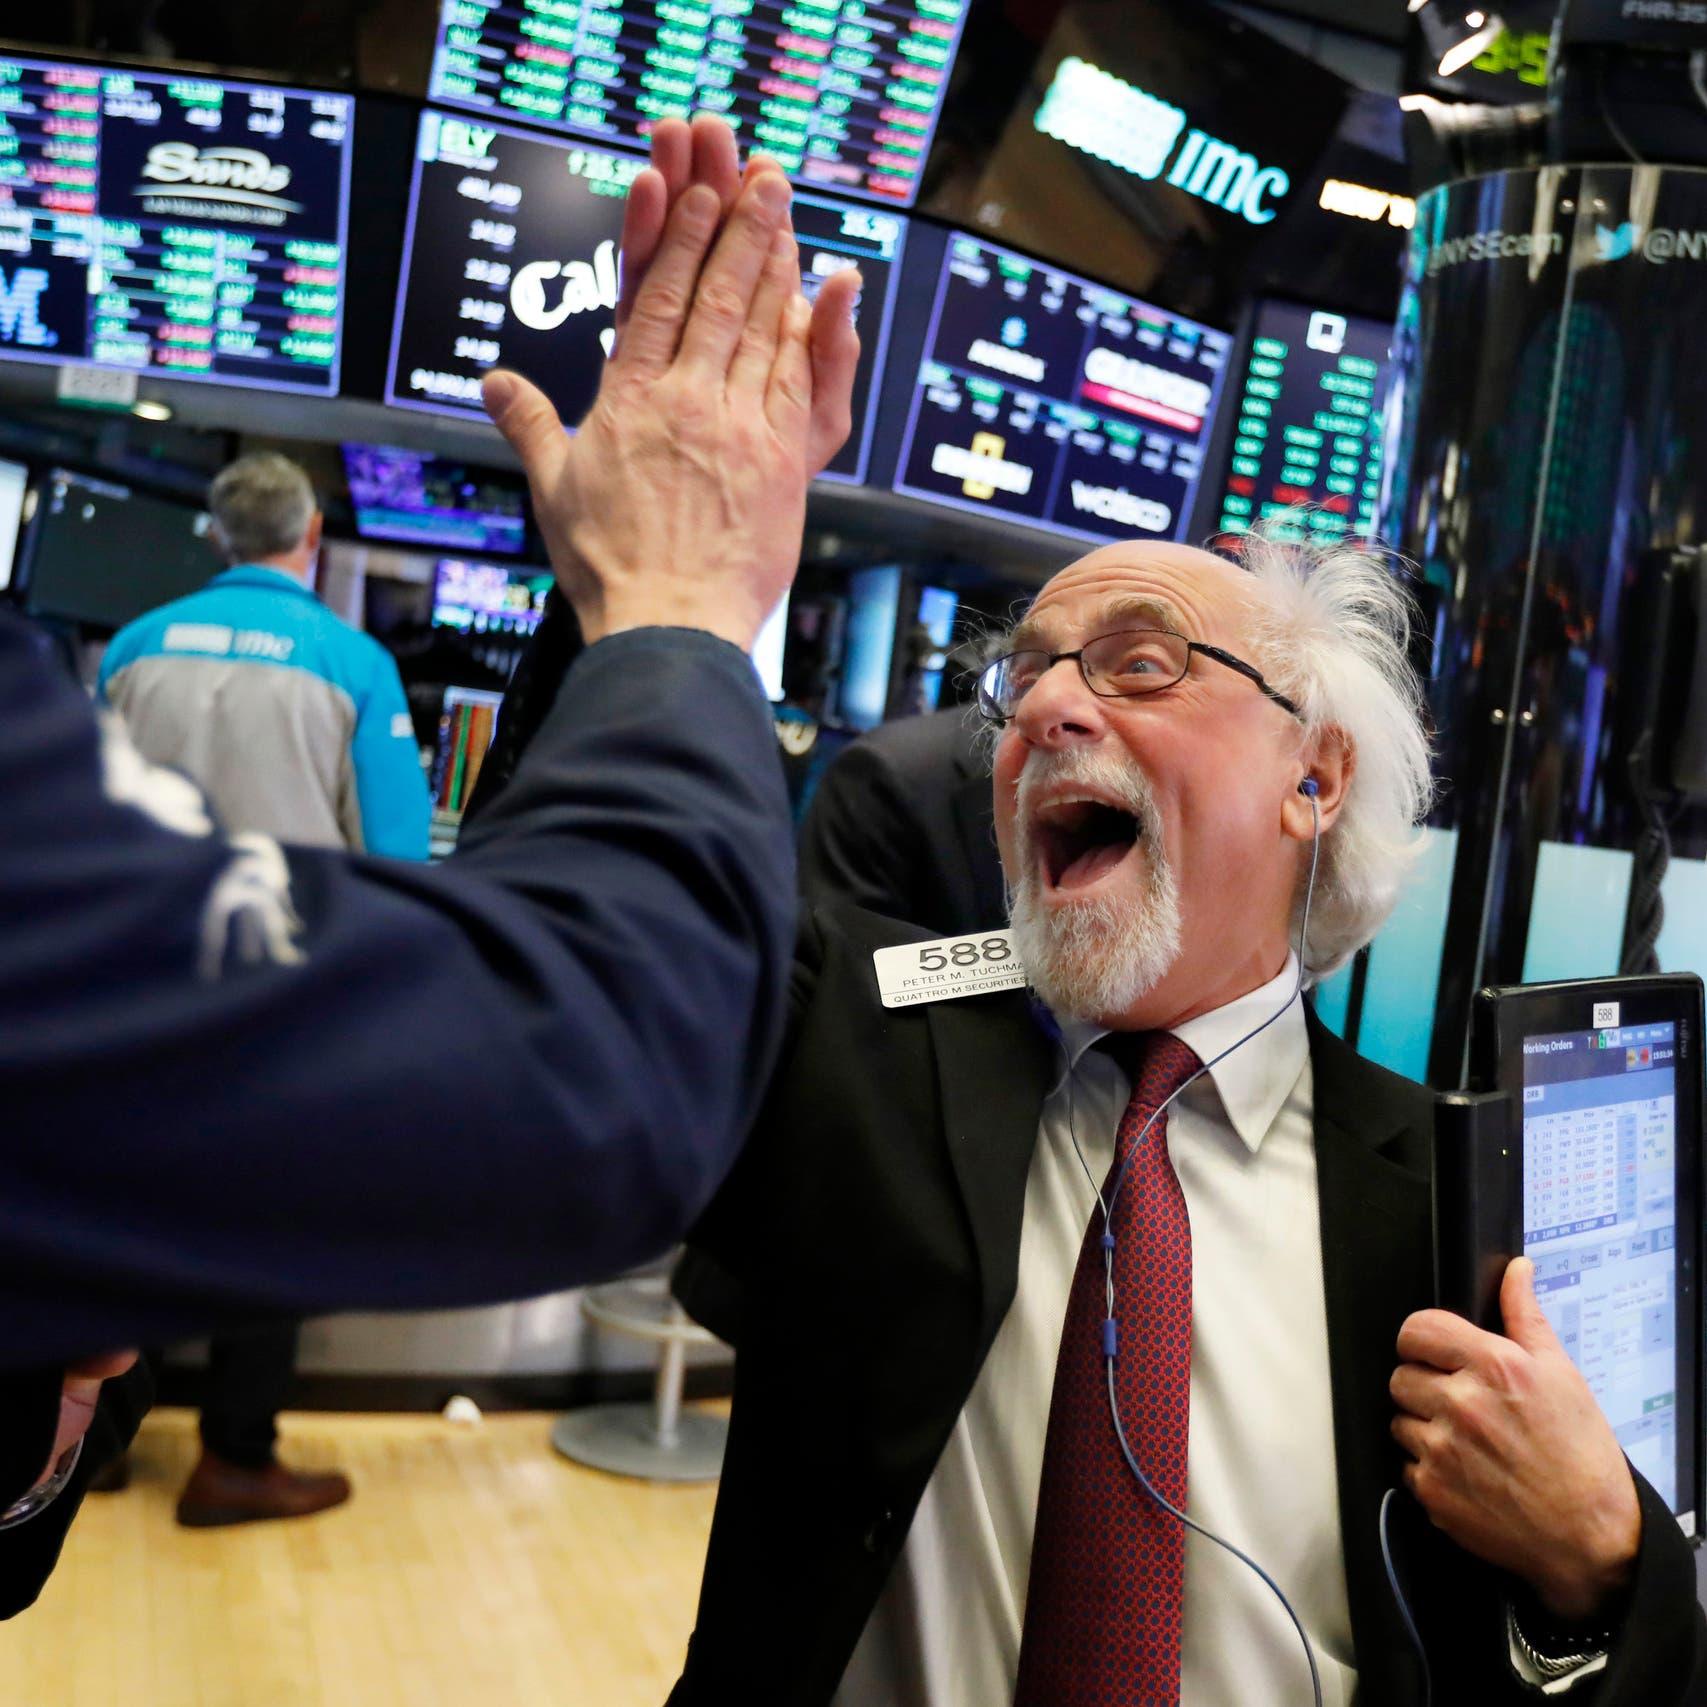 مع هدنة حرب التجارة.. الأسهم الأميركية تقفز لمستويات تاريخية